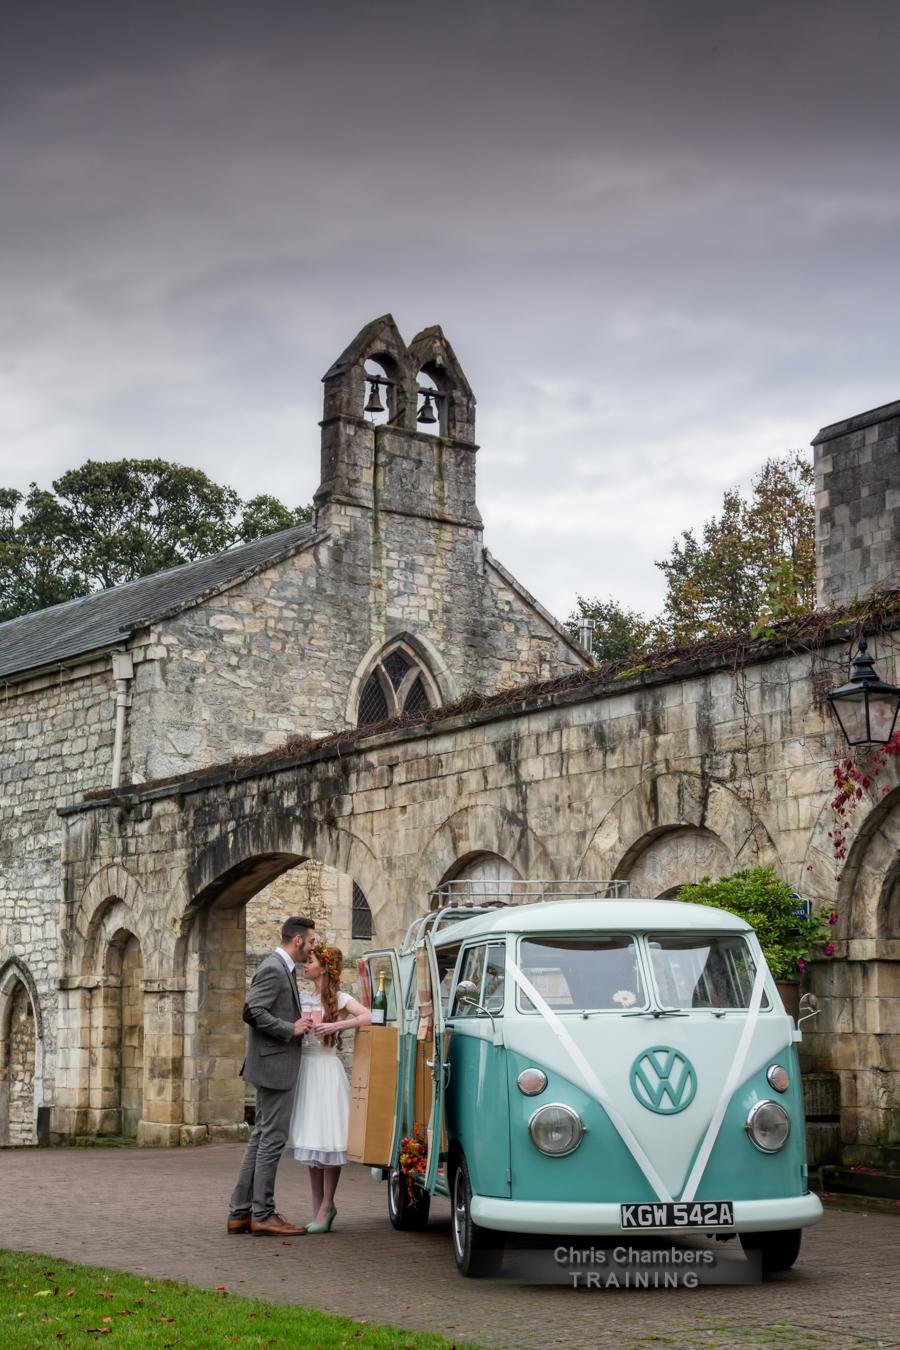 Hazlewood Castle training day for wedding photography